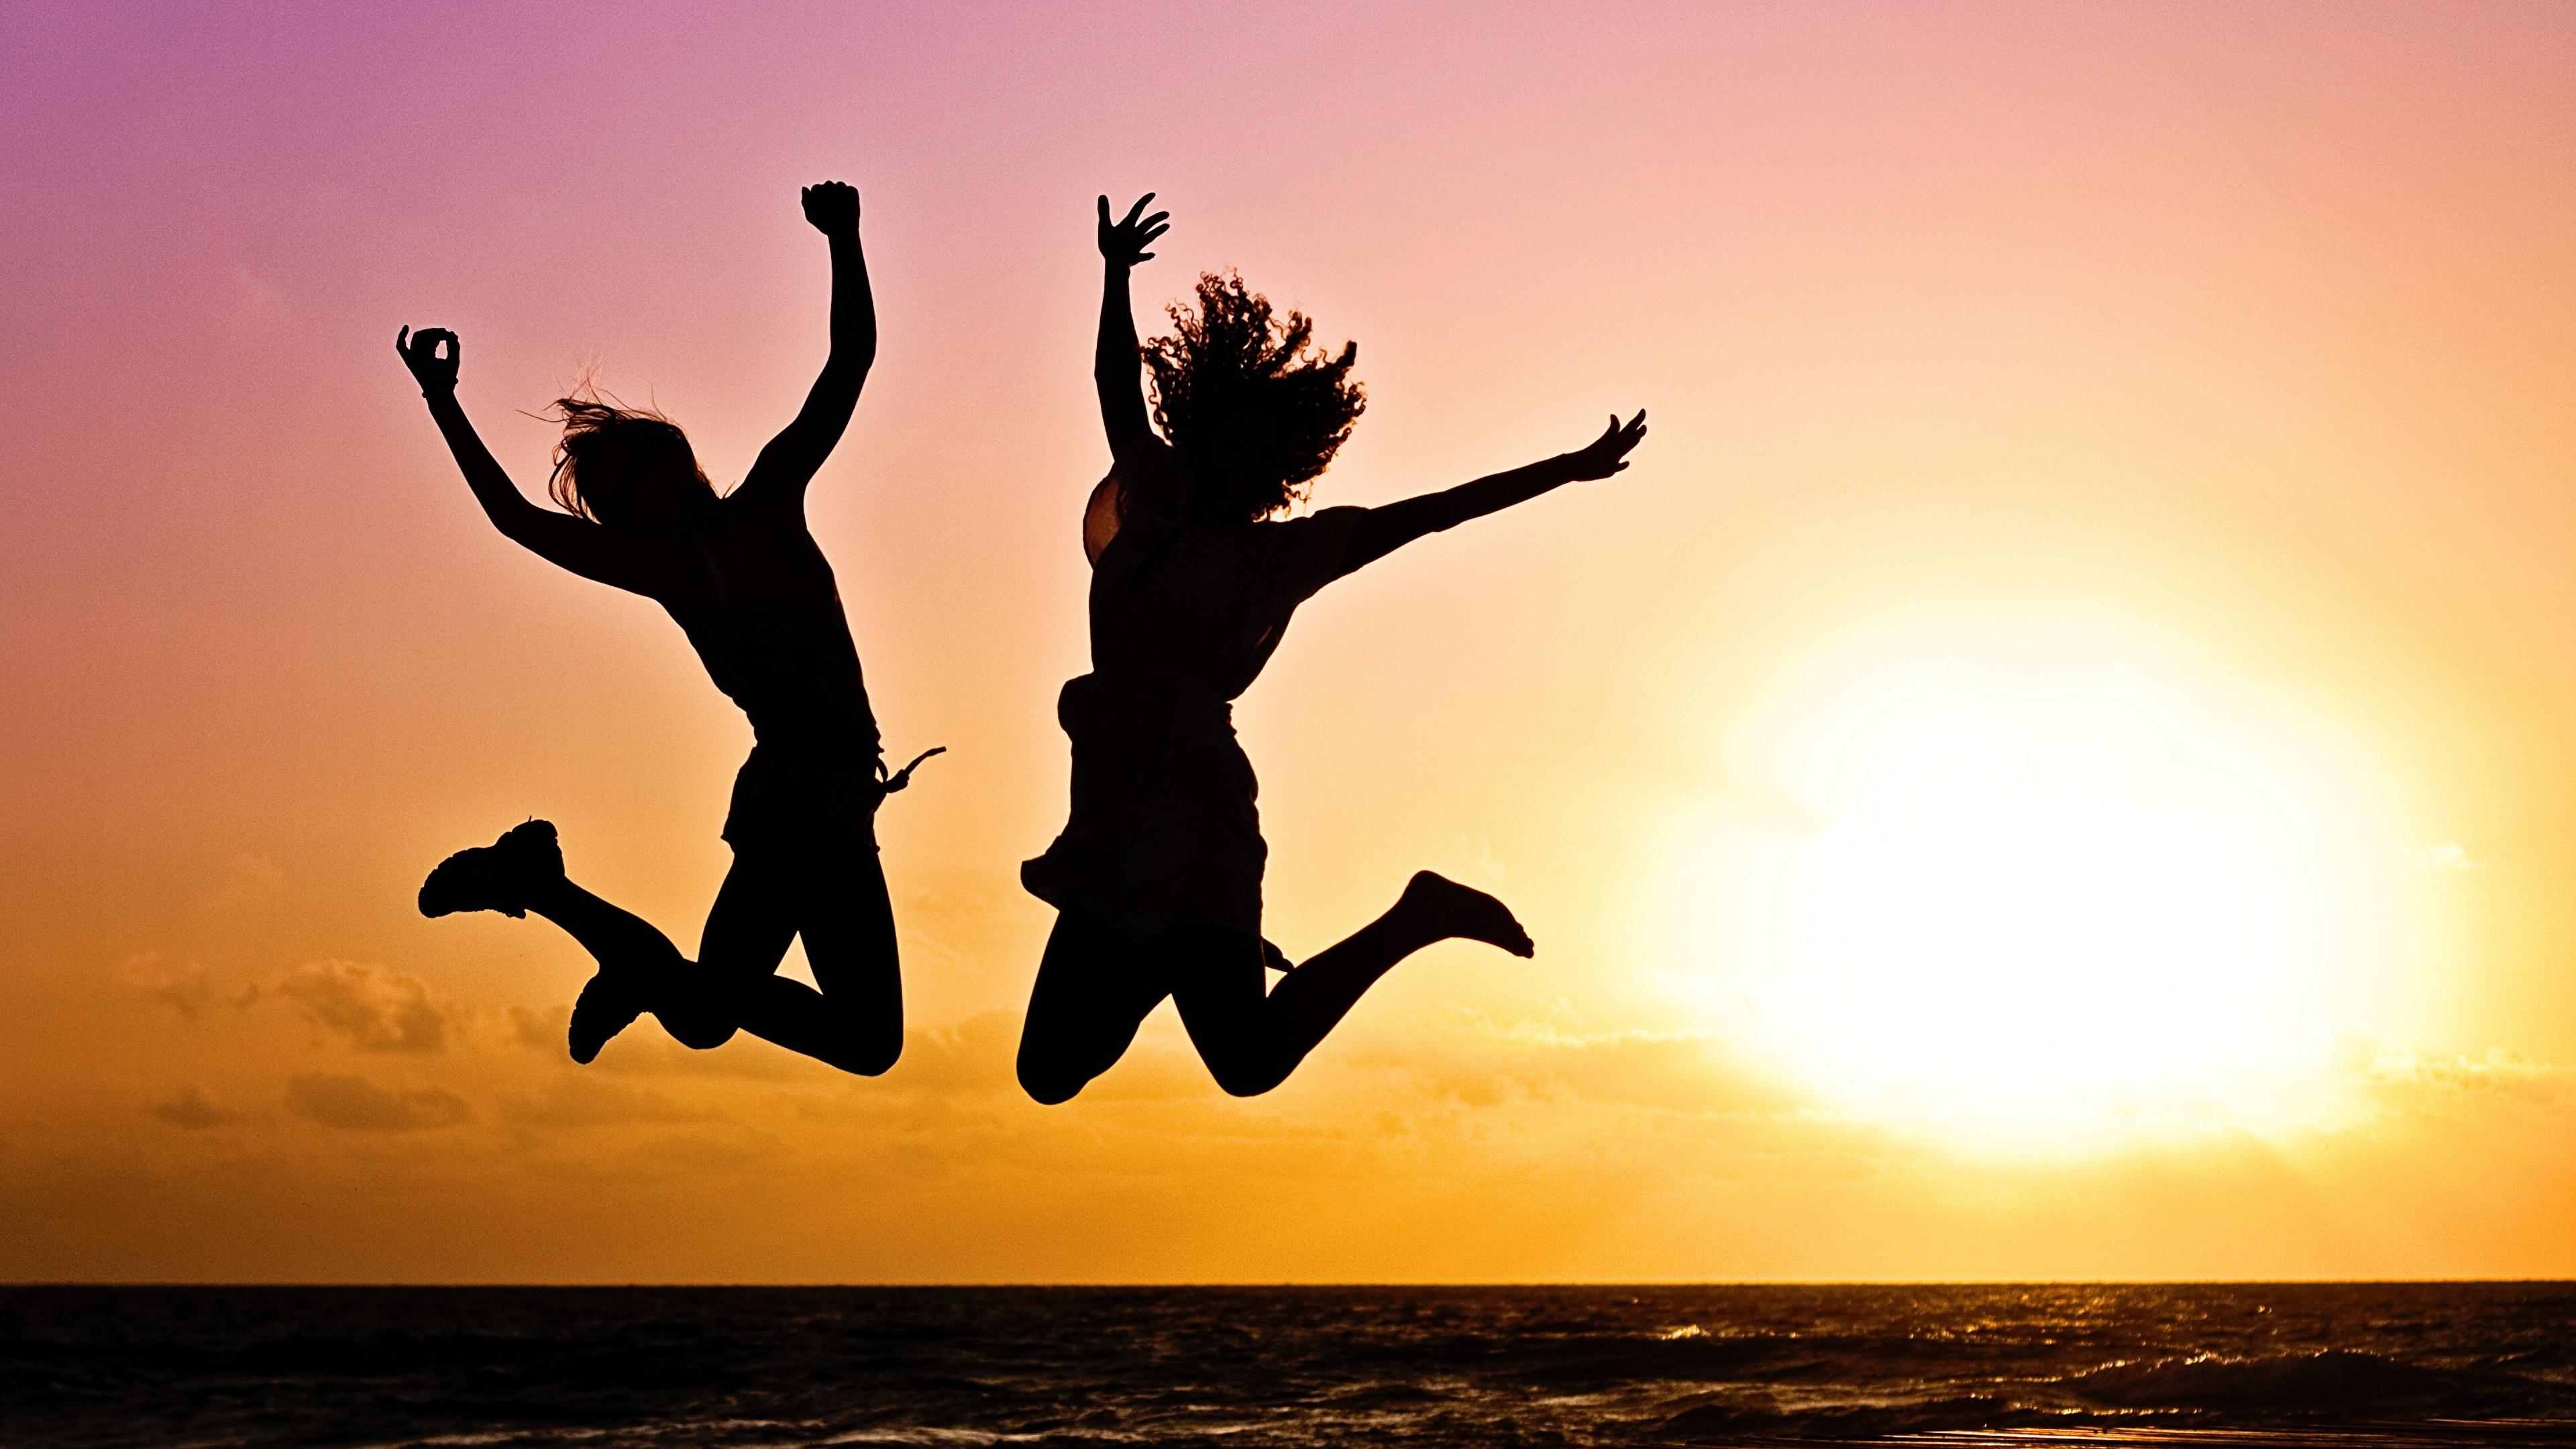 Обои для рабочего стола силуэта Двое Солнце молодые женщины прыгает рассвет и закат 3840x2160 Силуэт силуэты 2 два две вдвоем солнца Девушки девушка молодая женщина Прыжок прыгать в прыжке Рассветы и закаты